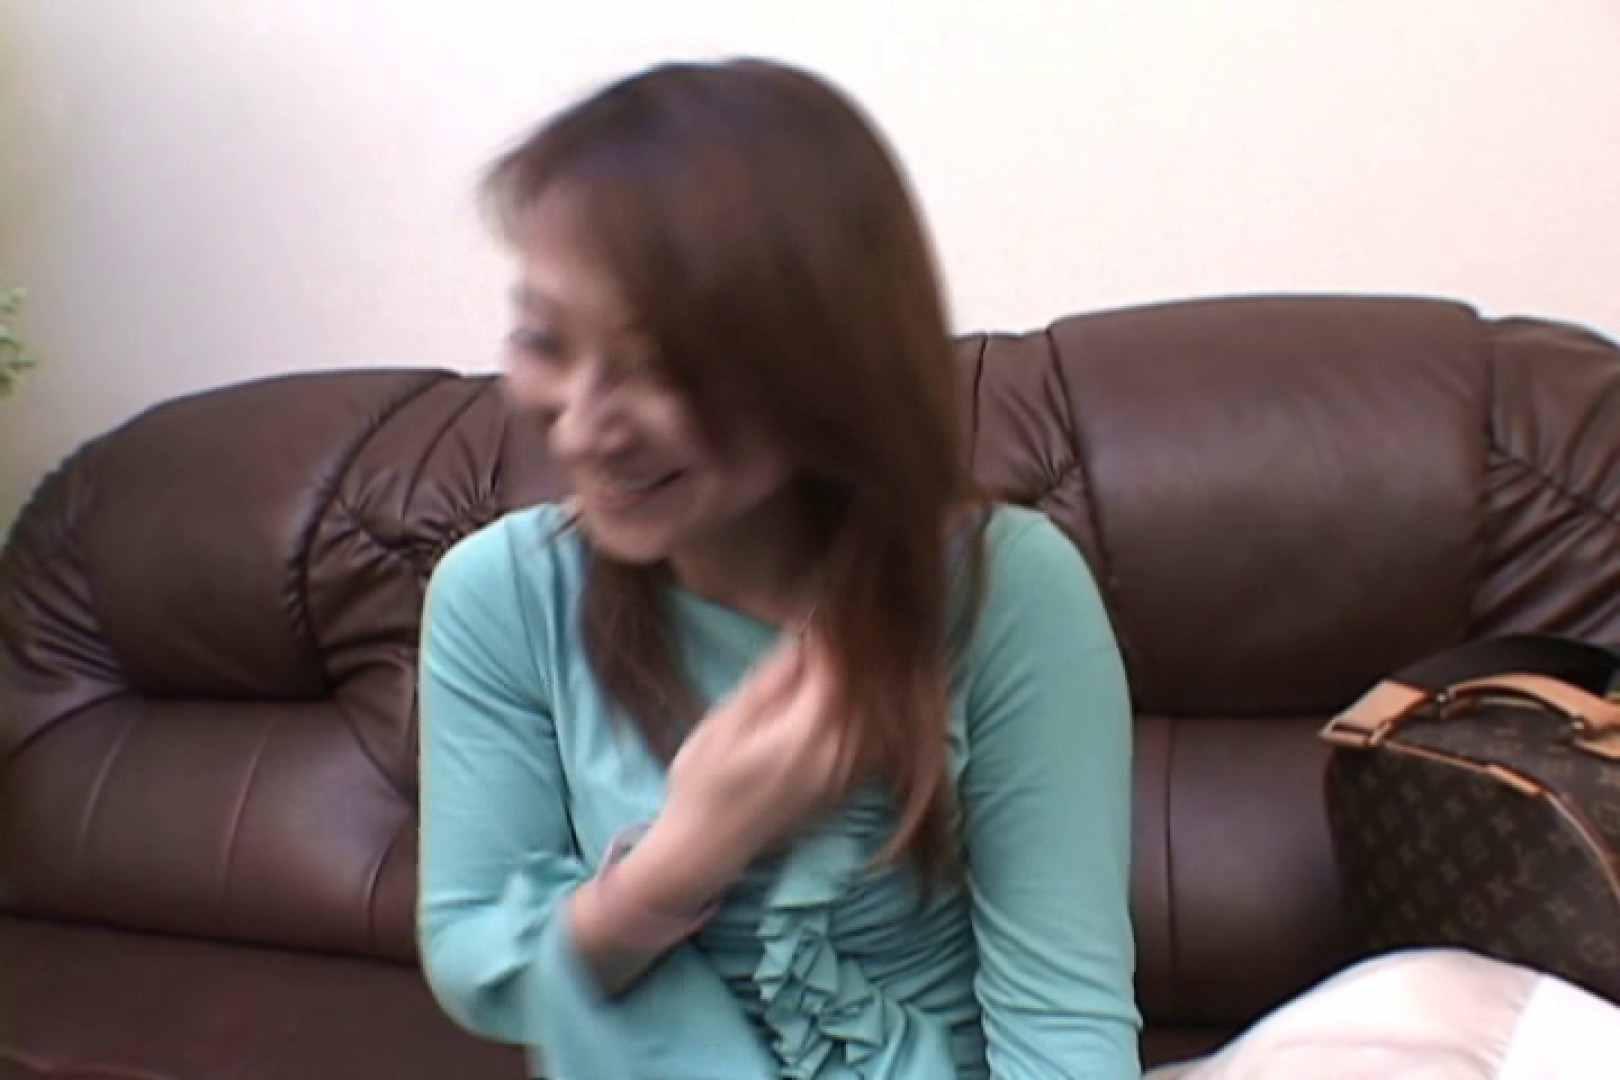 オナニー好きの綺麗なお姉さんと楽しくSEX~姫野あかね~ フェラ  30連発 20